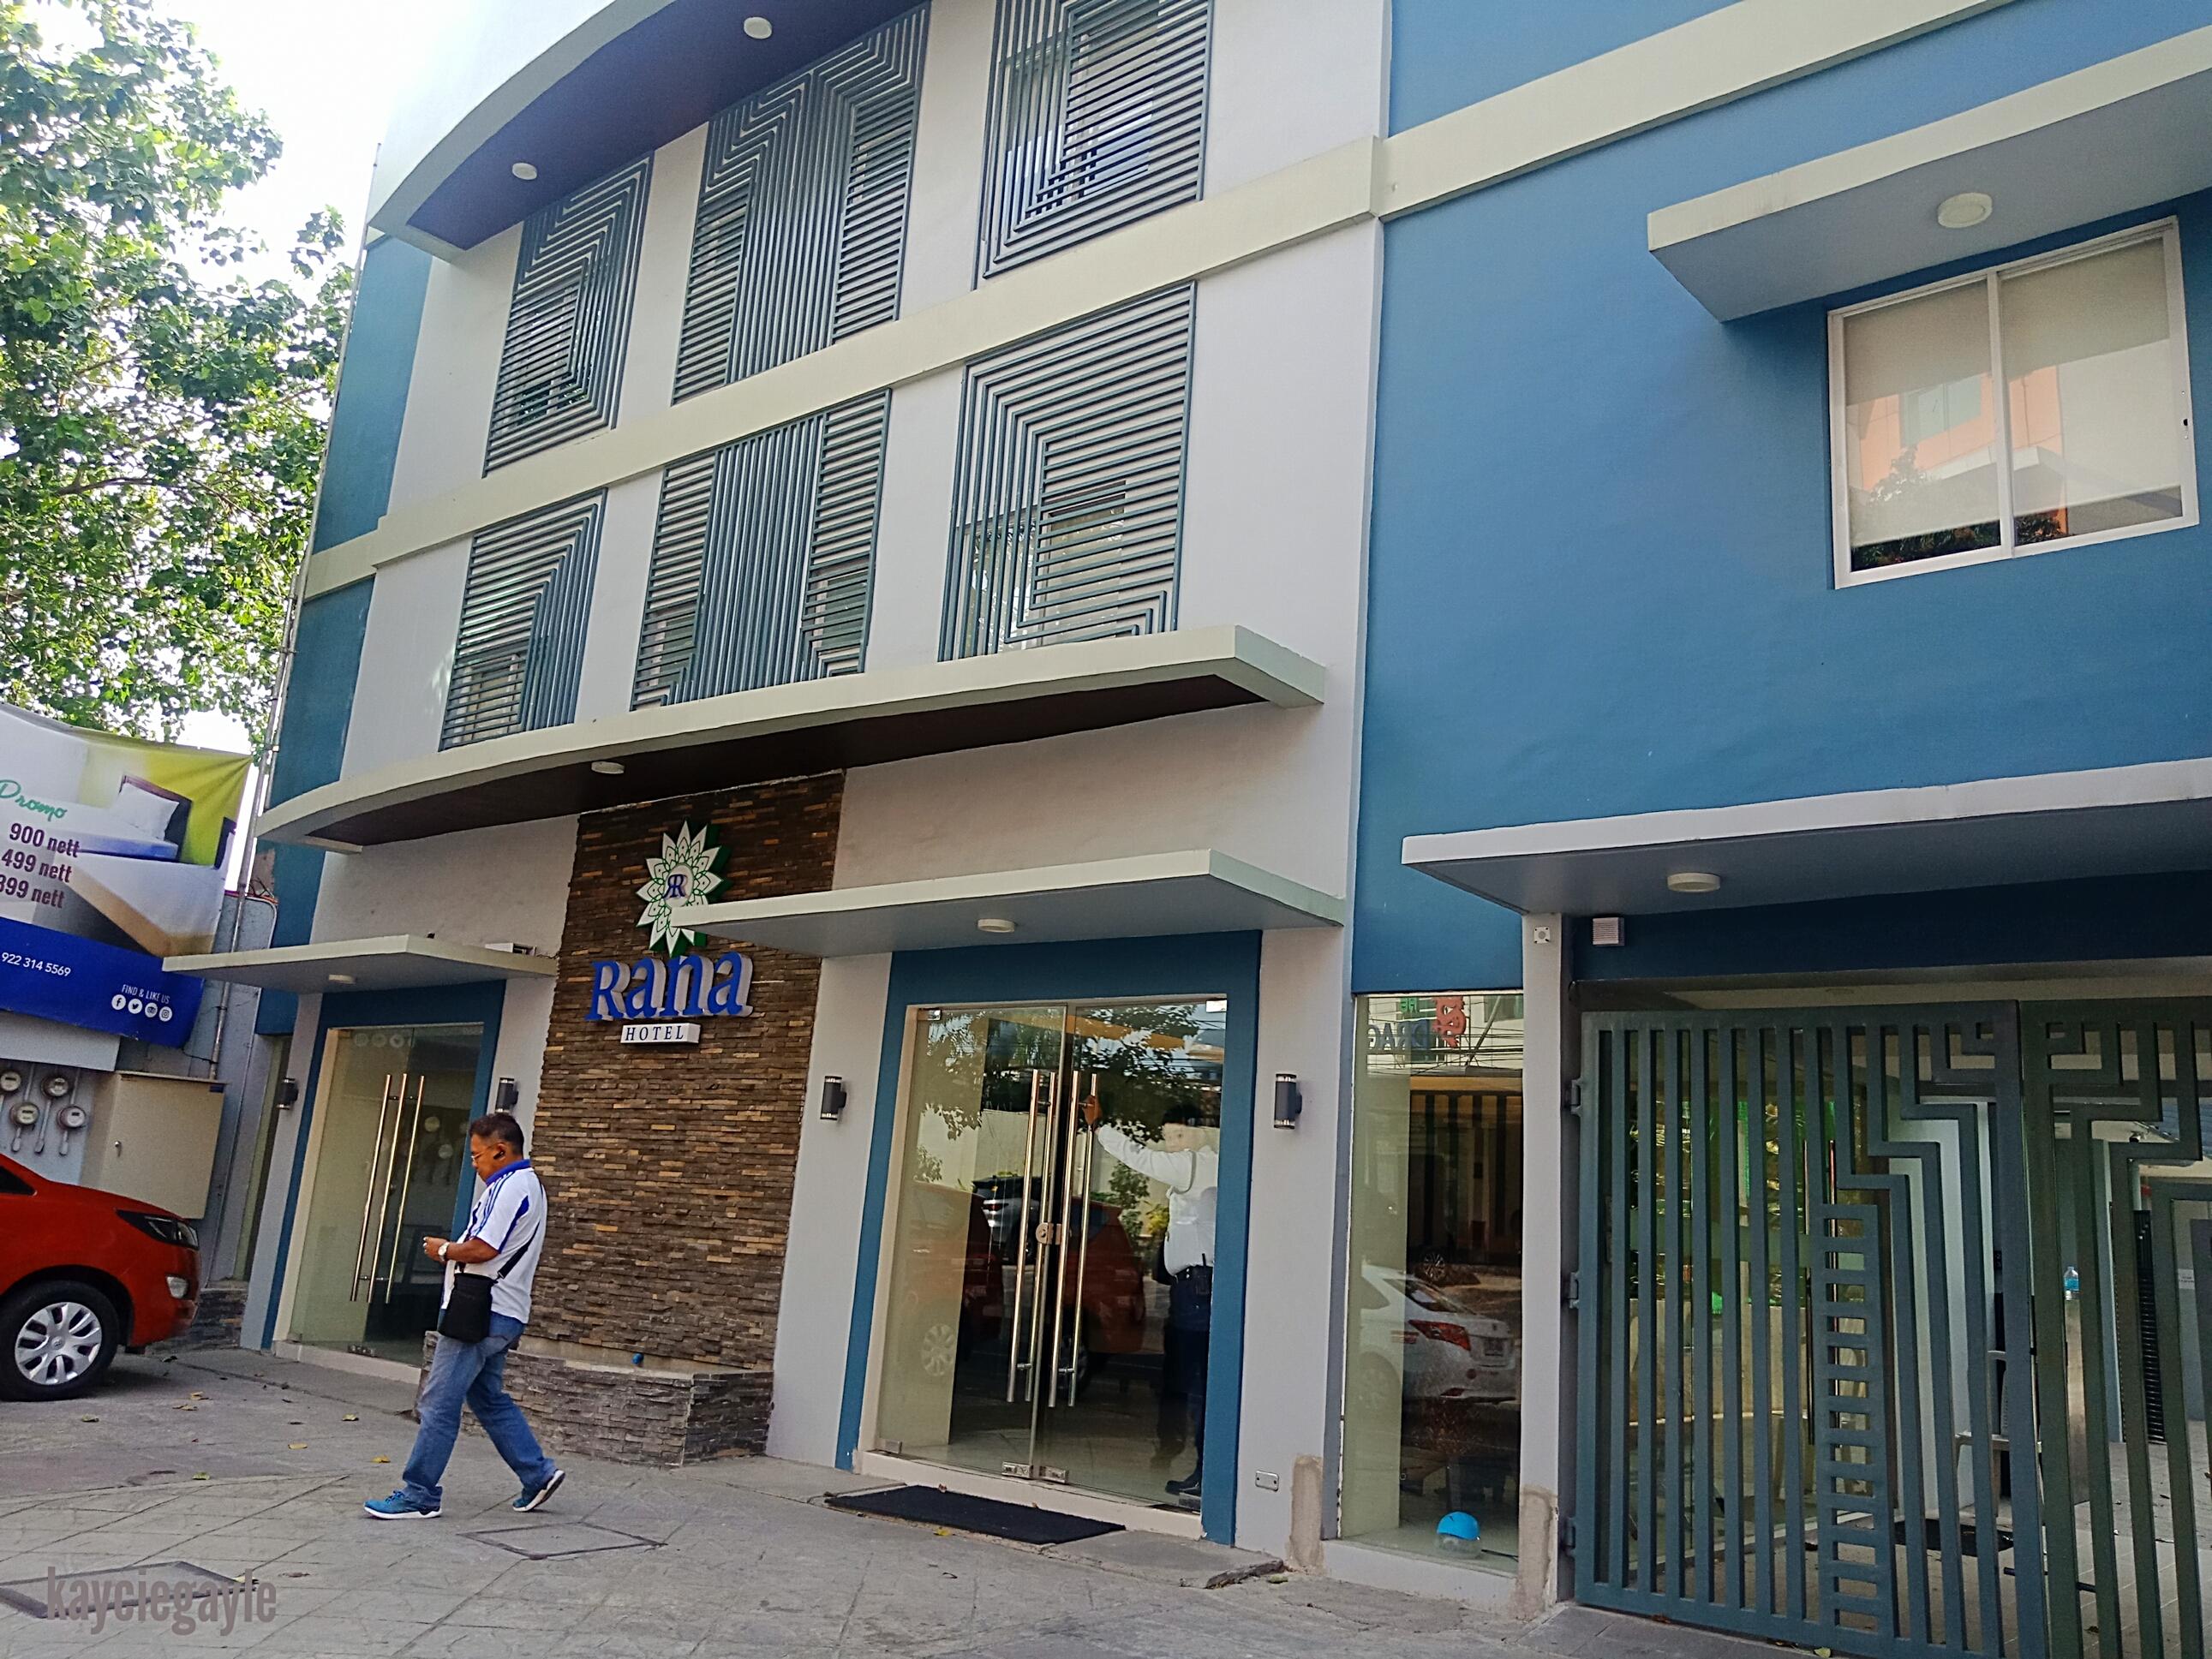 Rana Hotel Cebu City Philippines Hotel's Facade